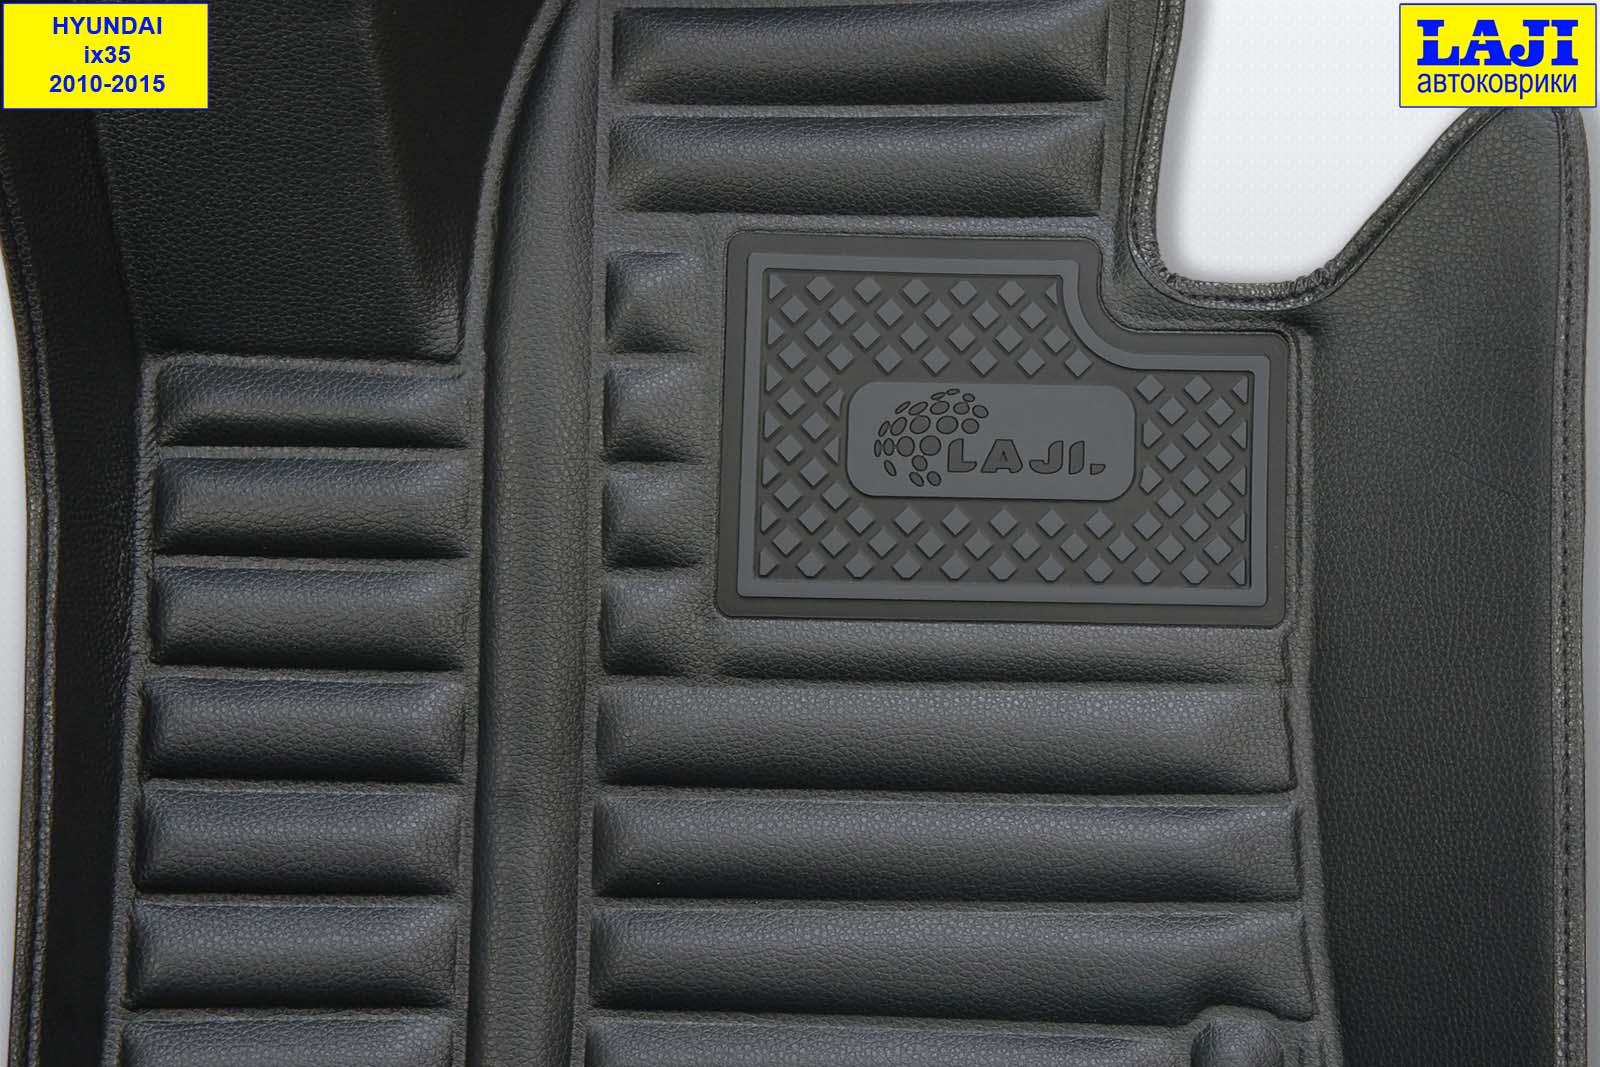 5D коврики в салон Hyundai ix35 2010-2015 7